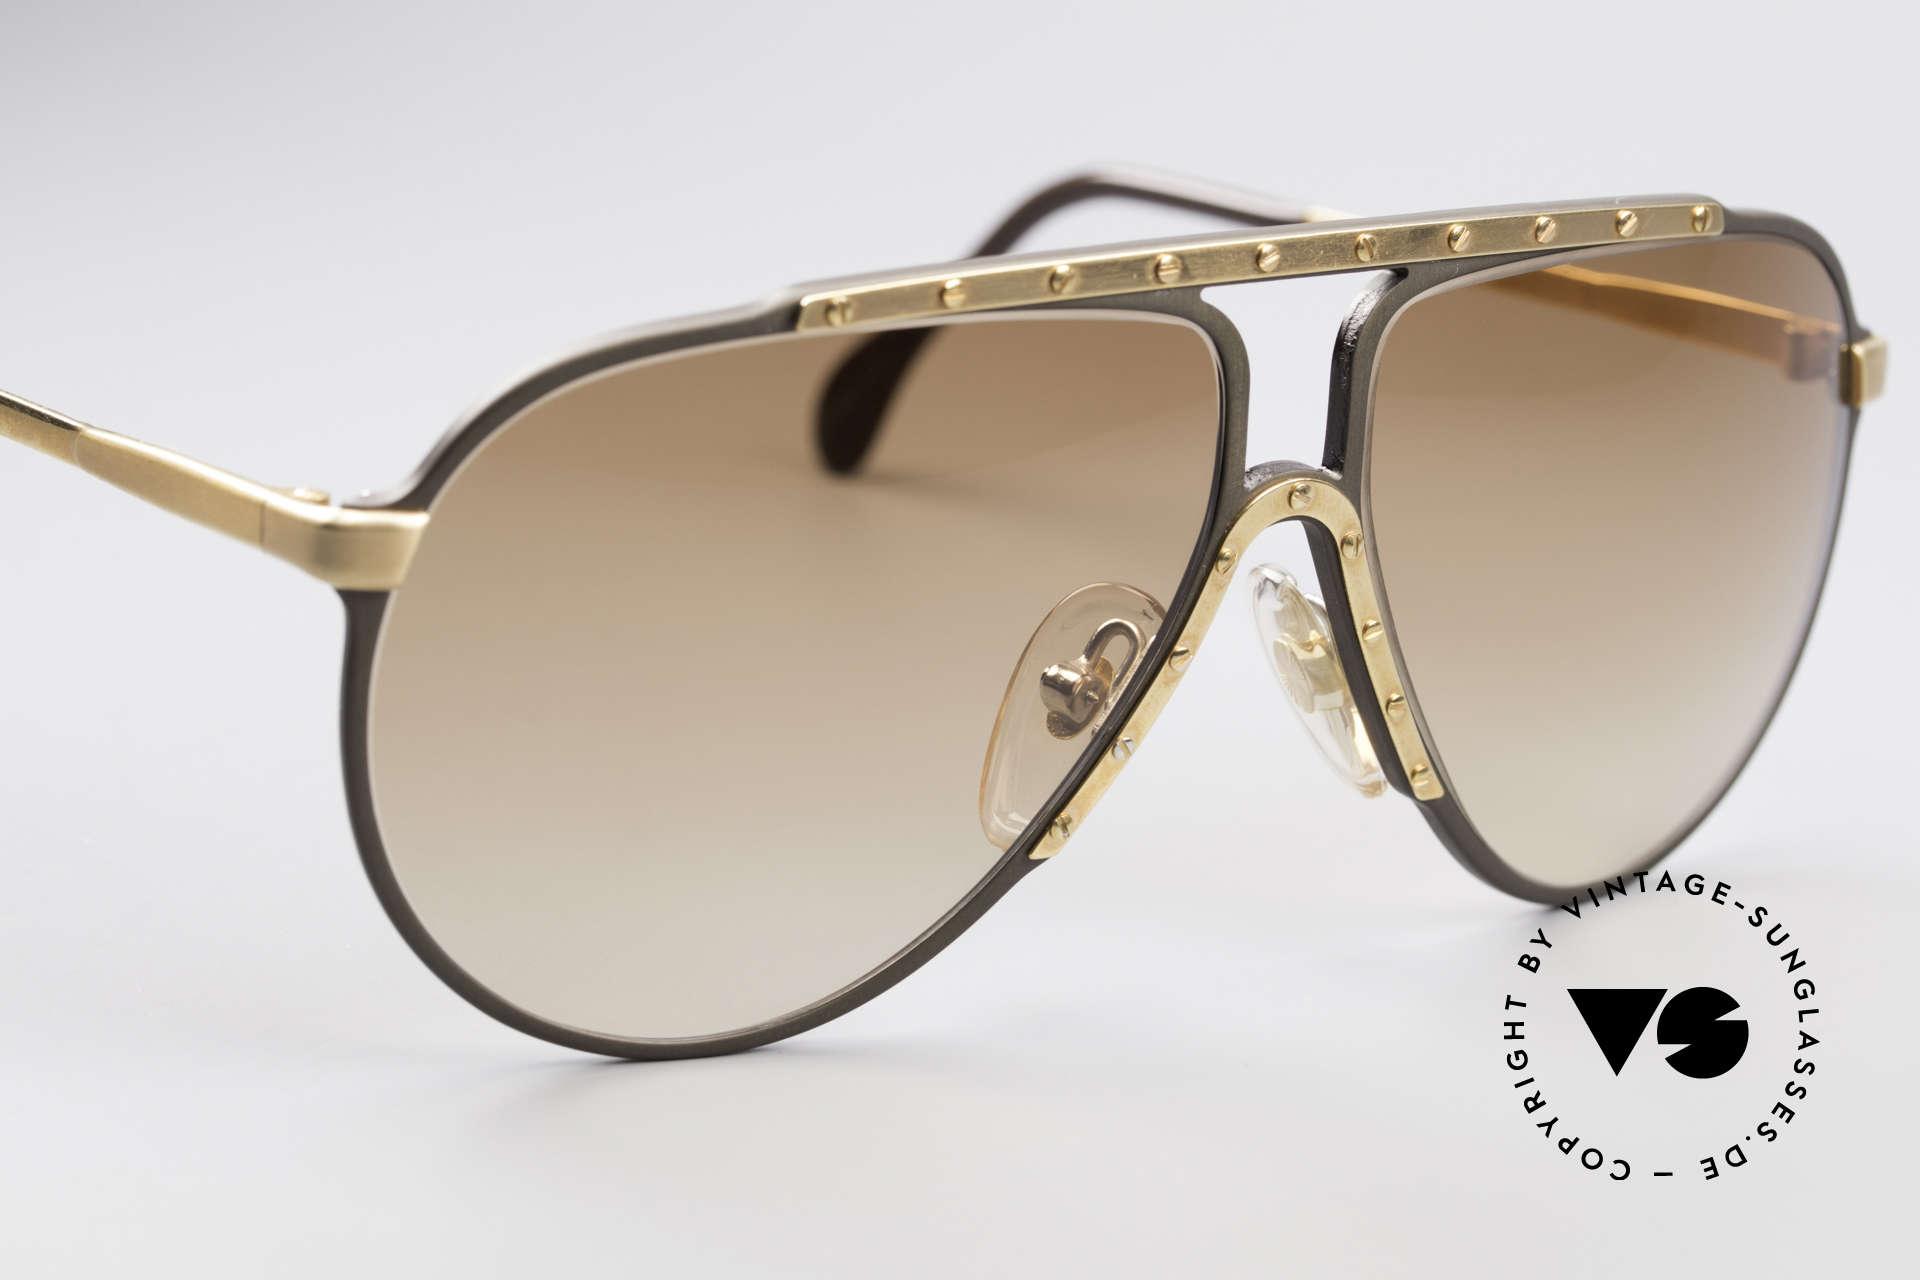 Alpina M1 West Germany Sonnenbrille, eine der meistgesuchten vintage Sonnenbrillen, Passend für Herren und Damen